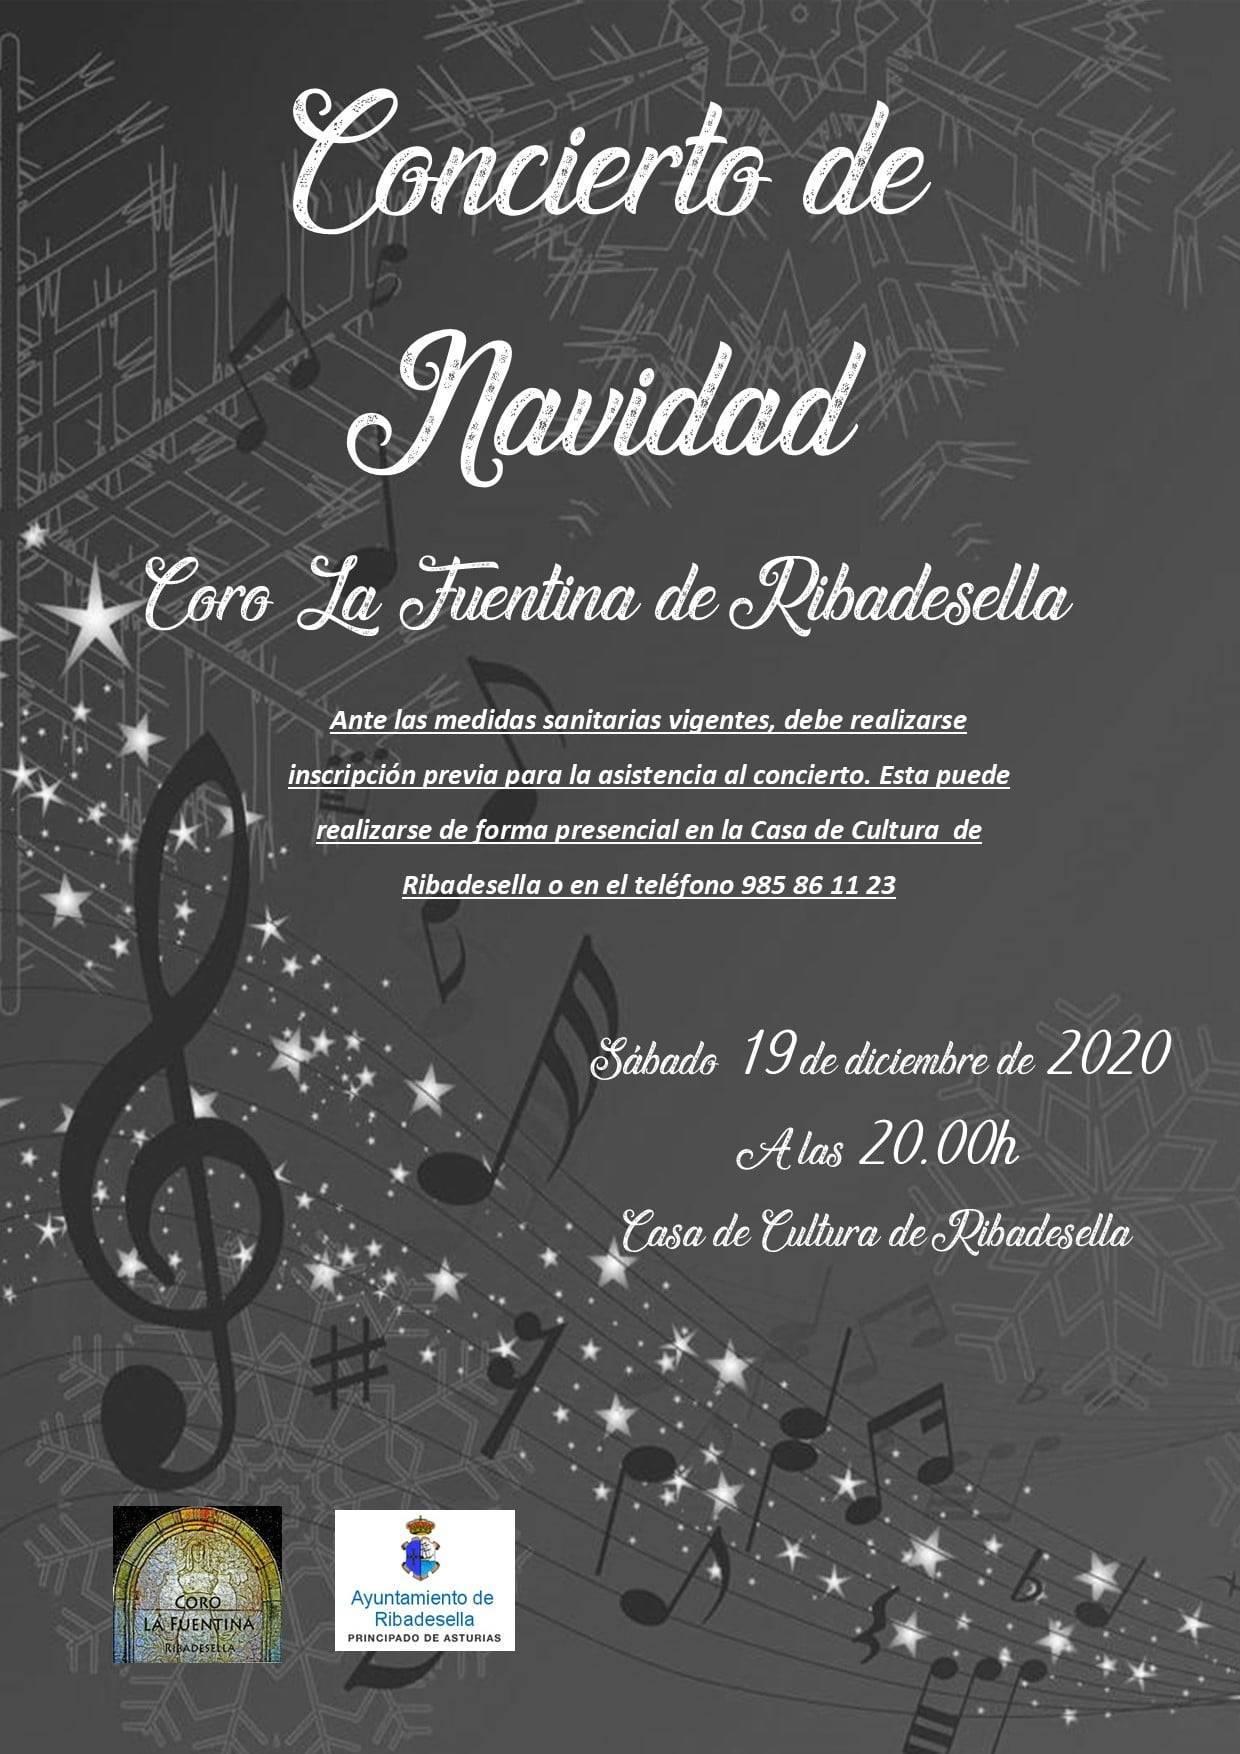 Concierto de Navidad (2020) - Ribadesella (Asturias)